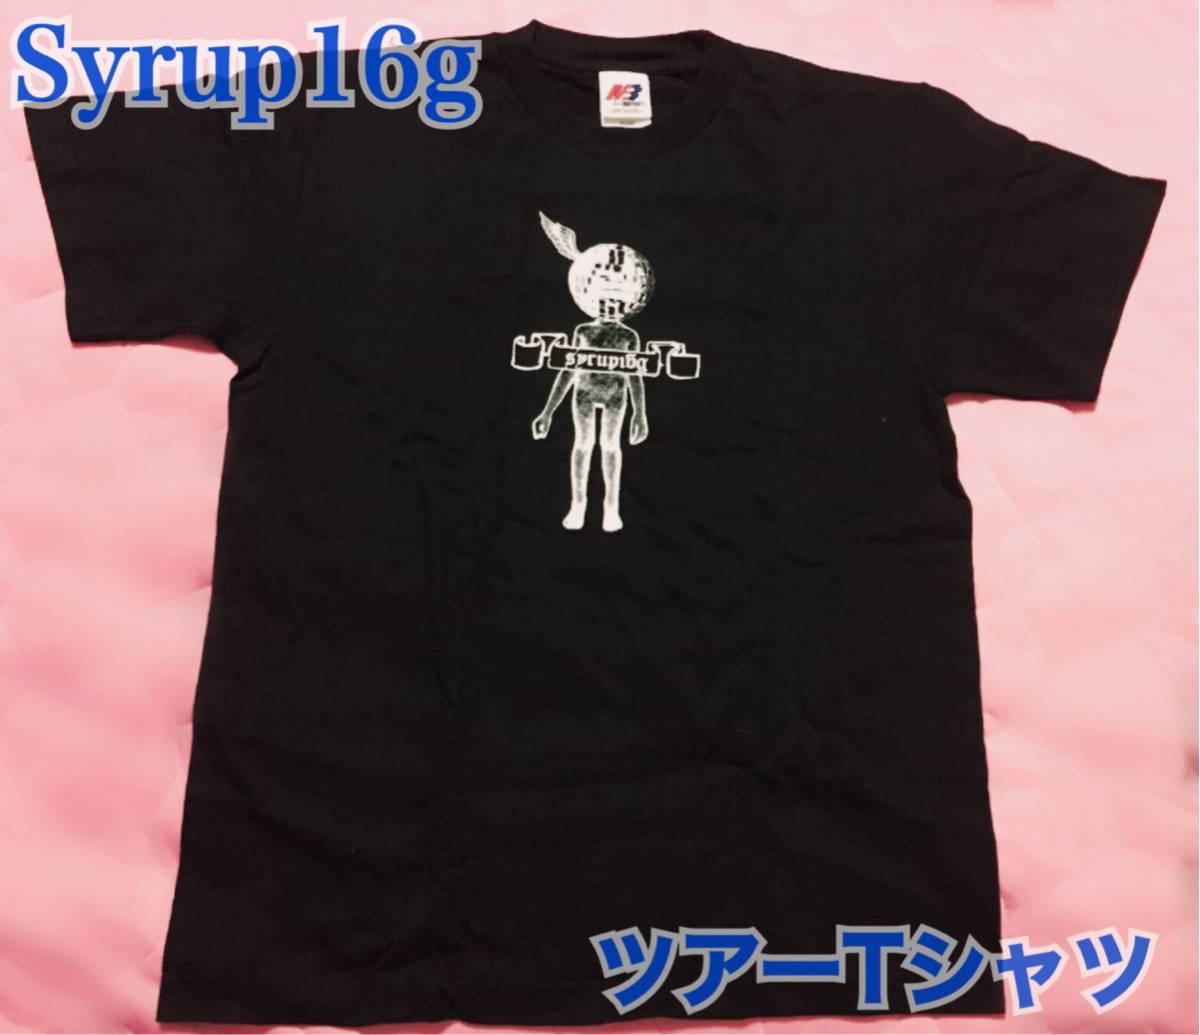 【Syrup16g】ツアーTシャツ small 黒 入手困難☆激レア☆五十嵐隆☆グッズ☆シロップ